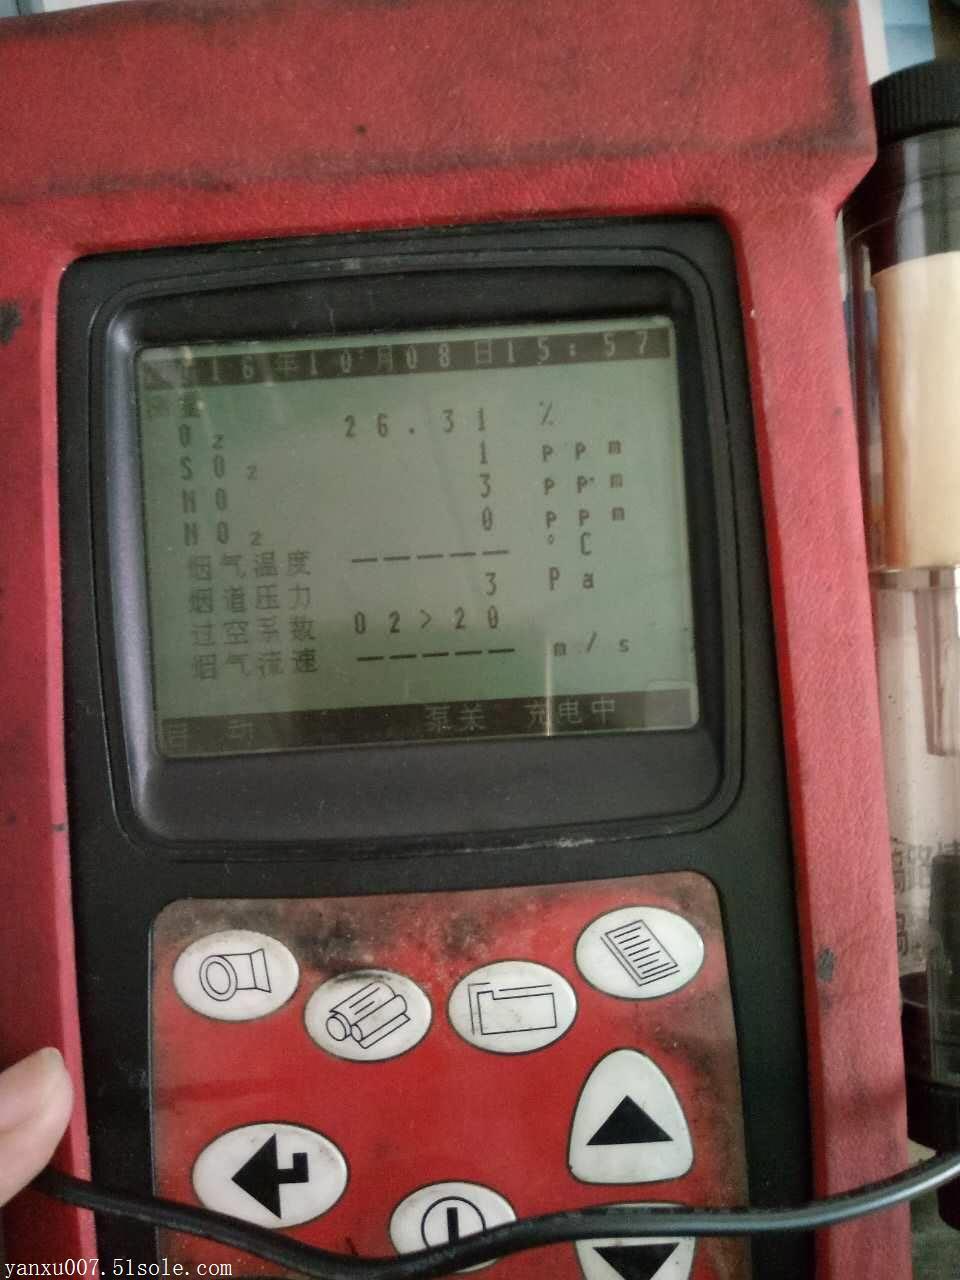 中文界面凯恩牌烟气分析仪